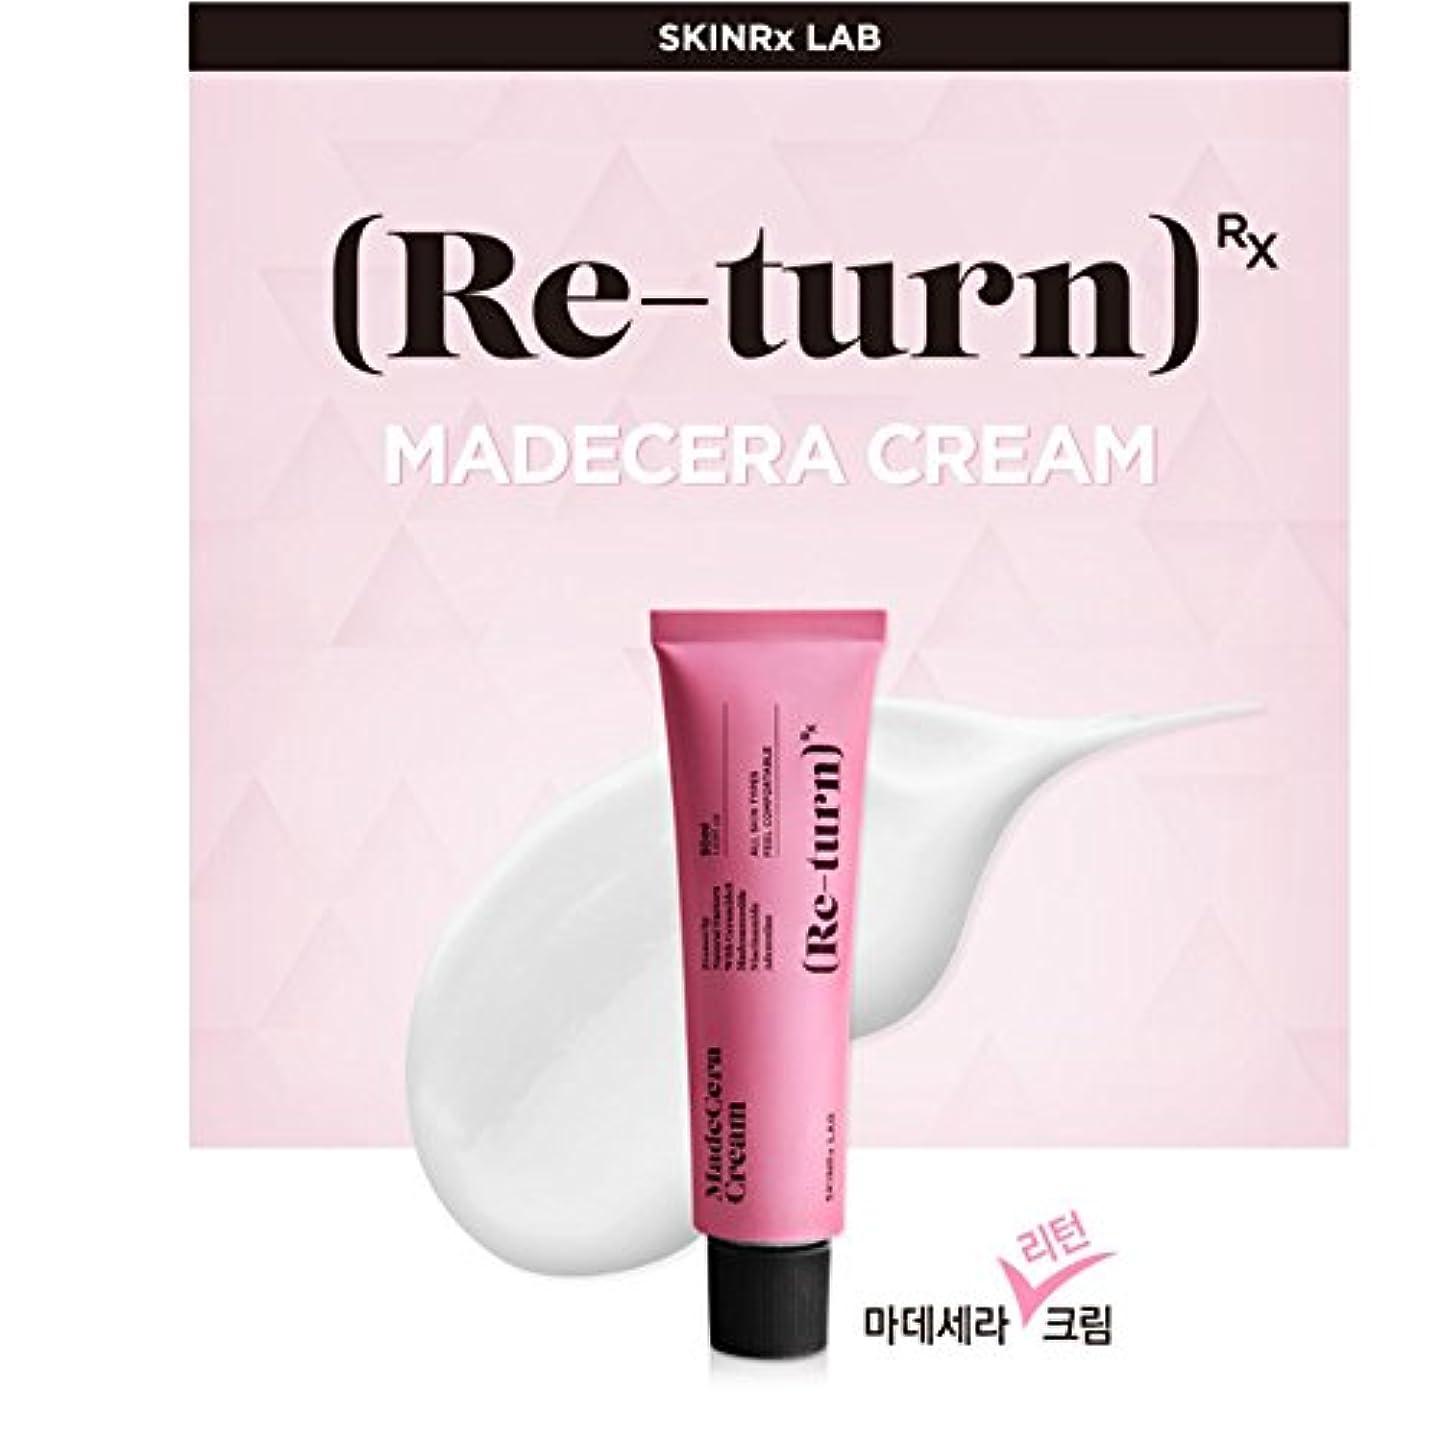 待つ召喚する寺院スキンアルエクスラップ マデセラ リターン クリーム 50ml / SKINRxLAB MadeCera Re-turn Cream 50ml (1.69oz)